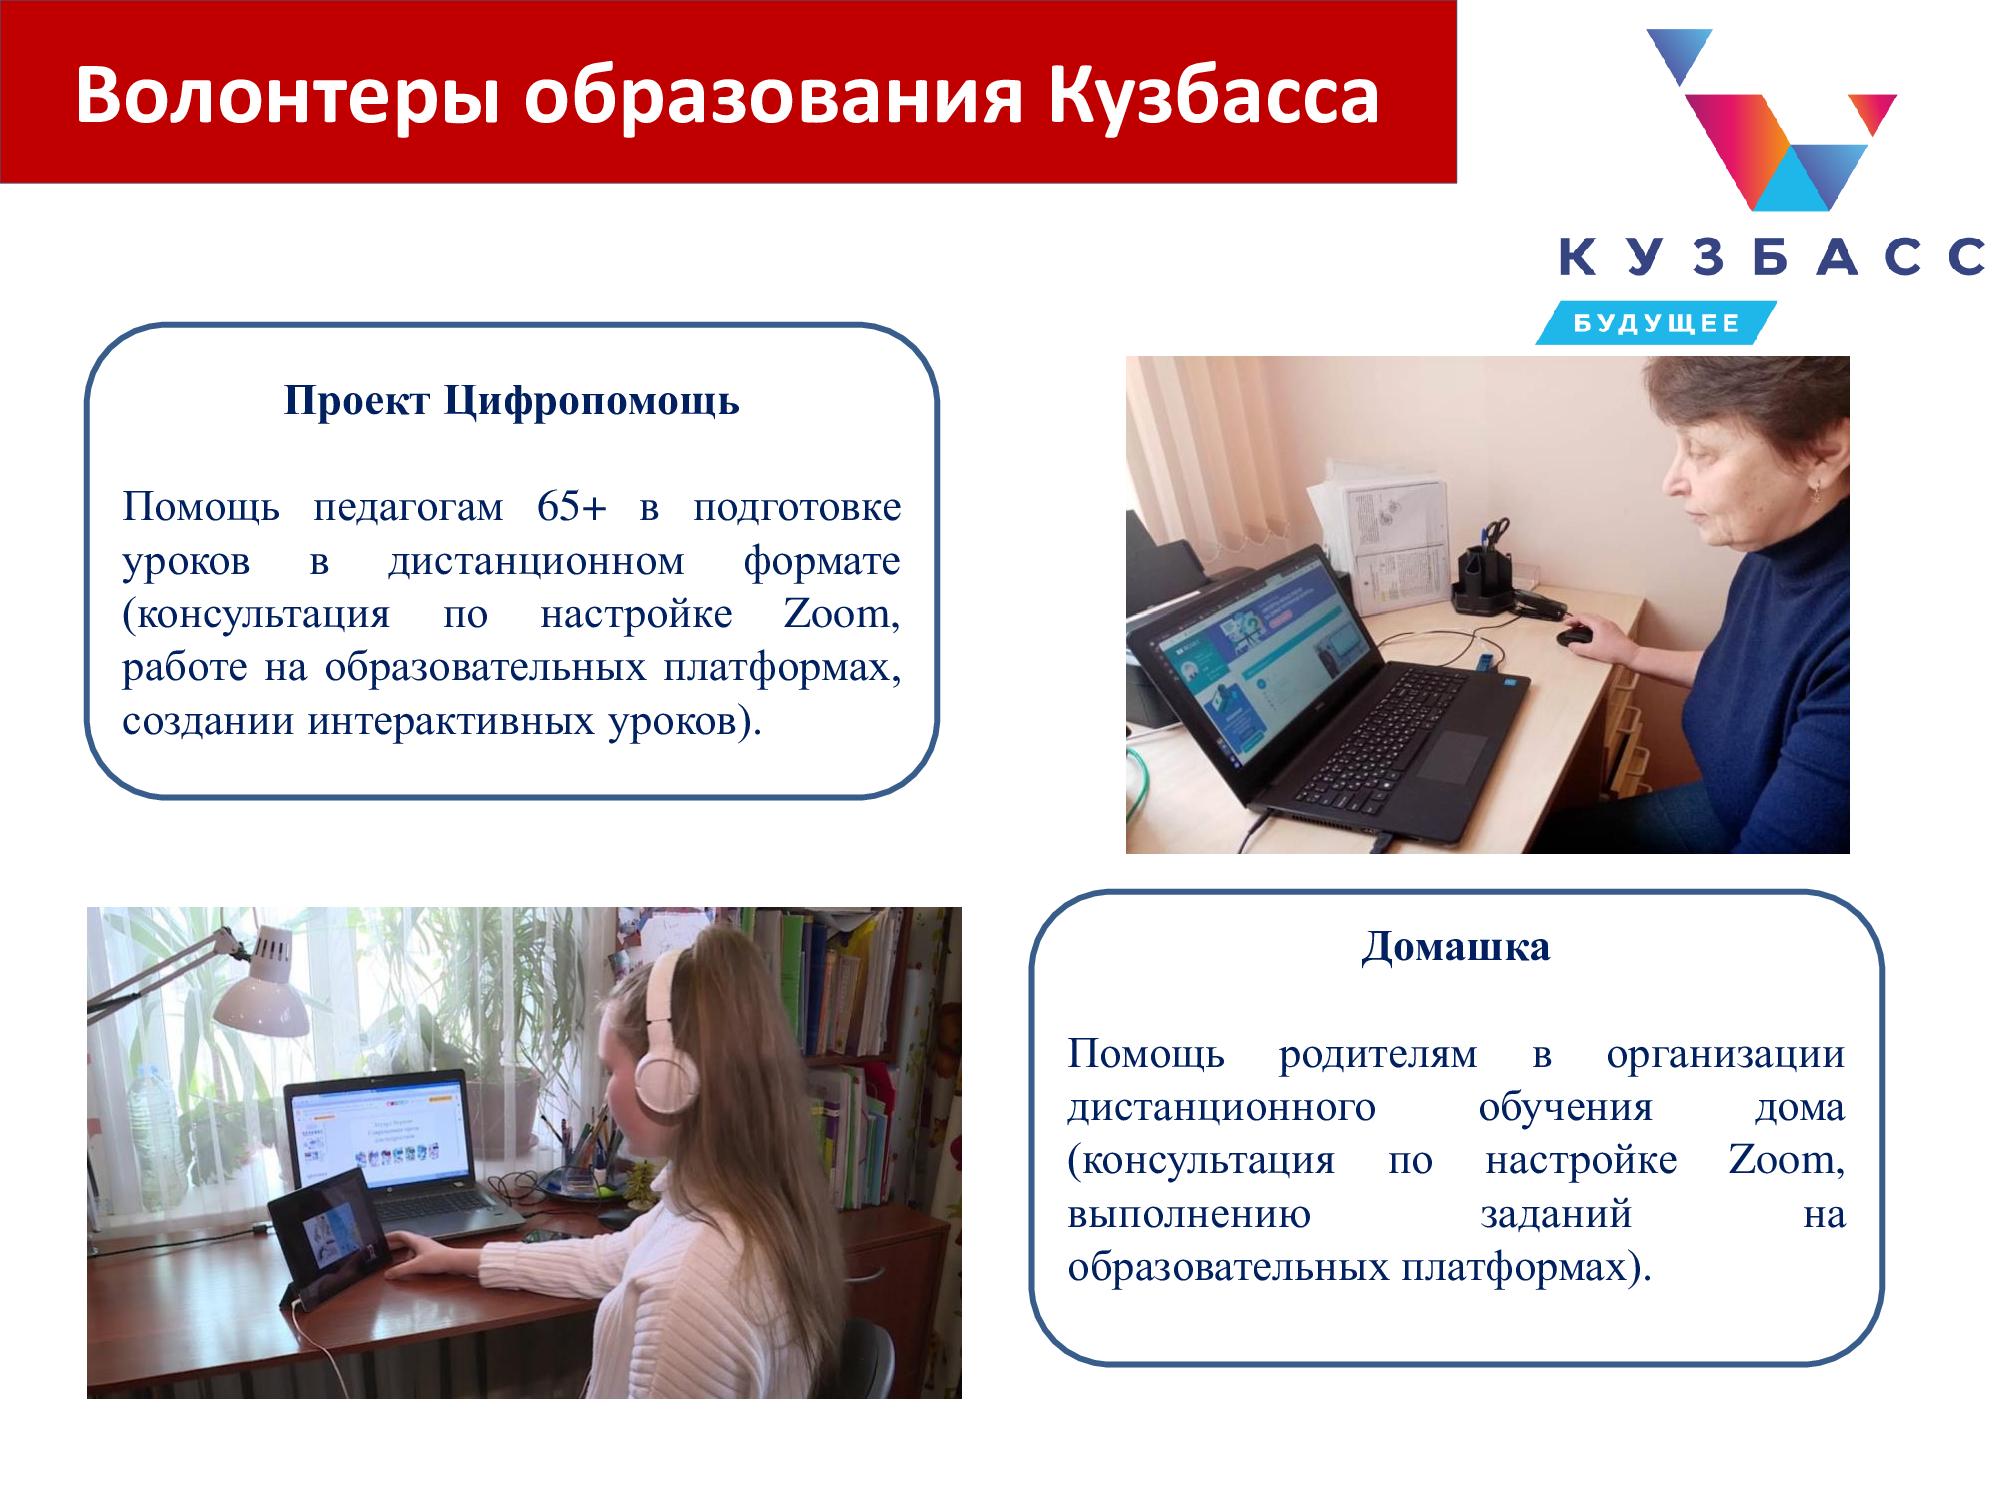 Работа онлайн таштагол веб модели хабаровск